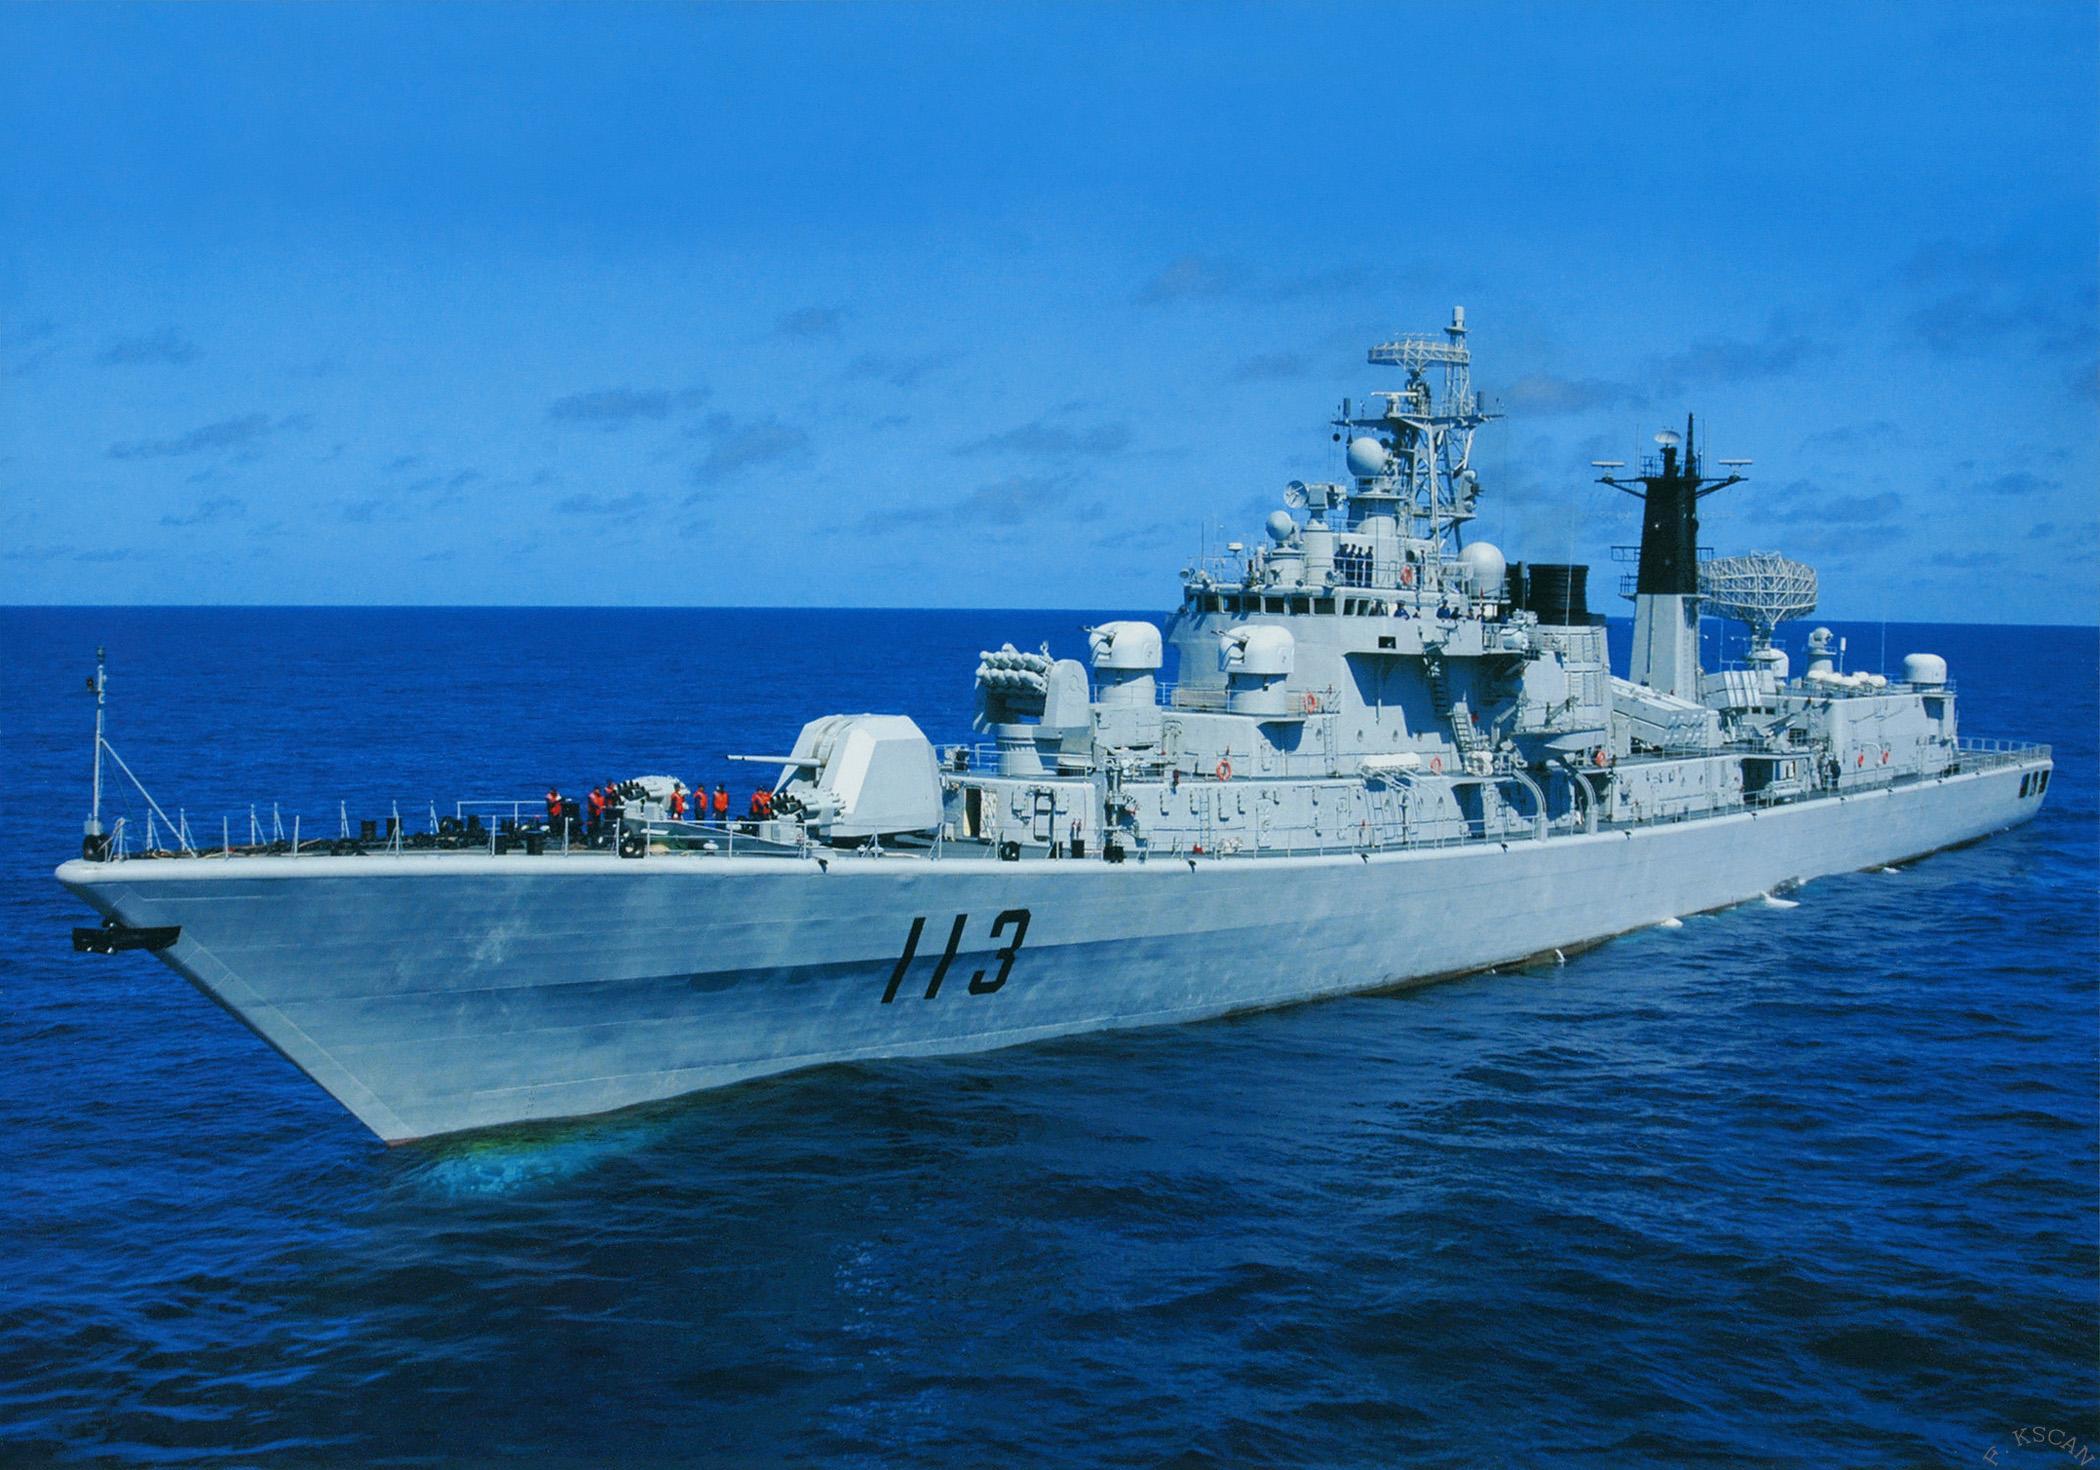 导弹驱逐舰哈尔滨舰_现今中国海军究竟水平如何? - 知乎